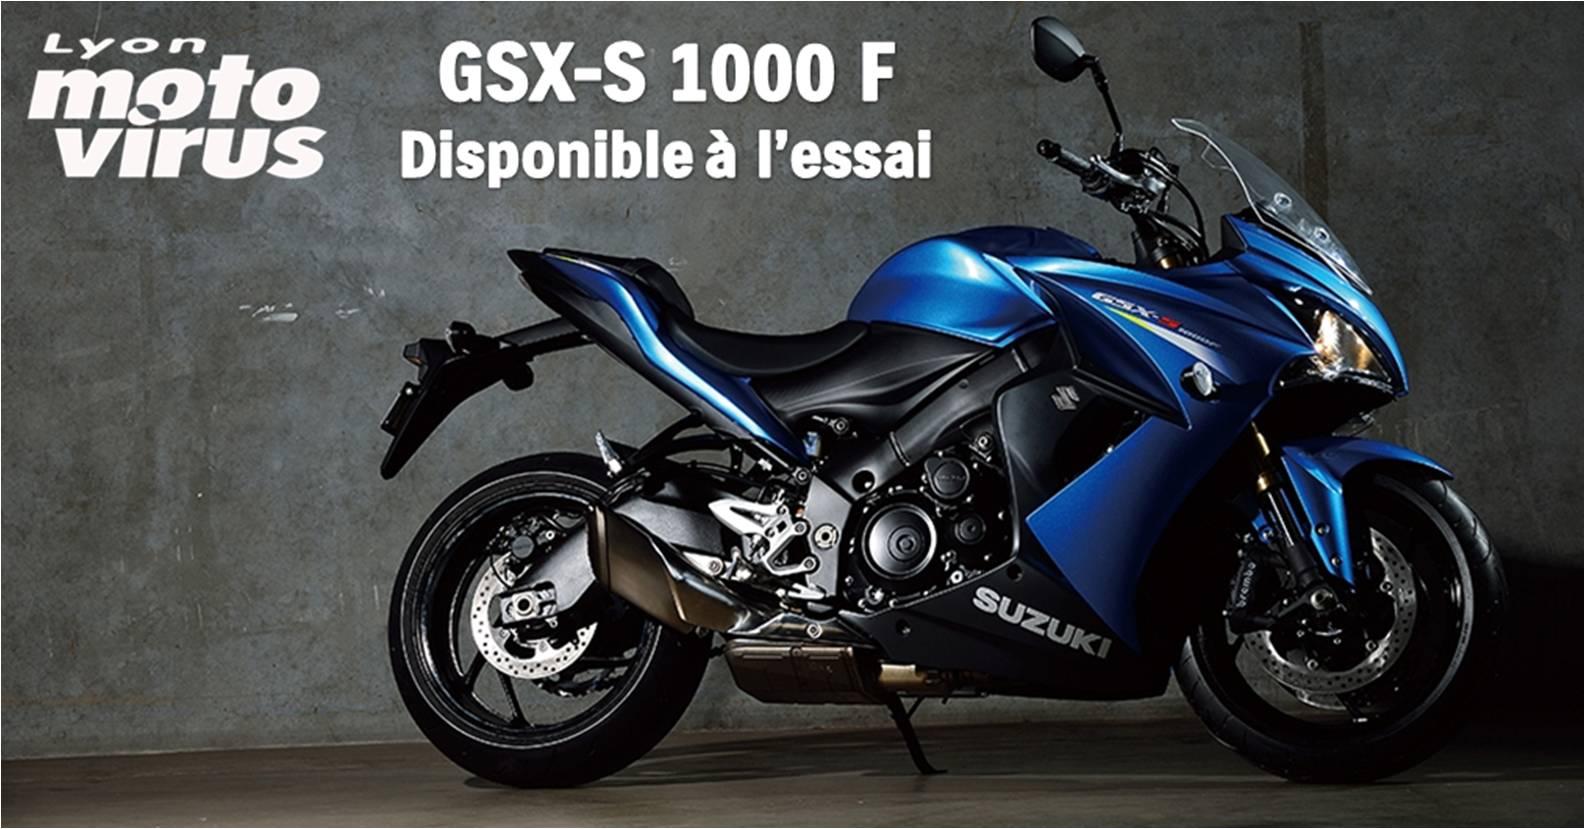 essai moto suzuki lyon gsxs 1000 F